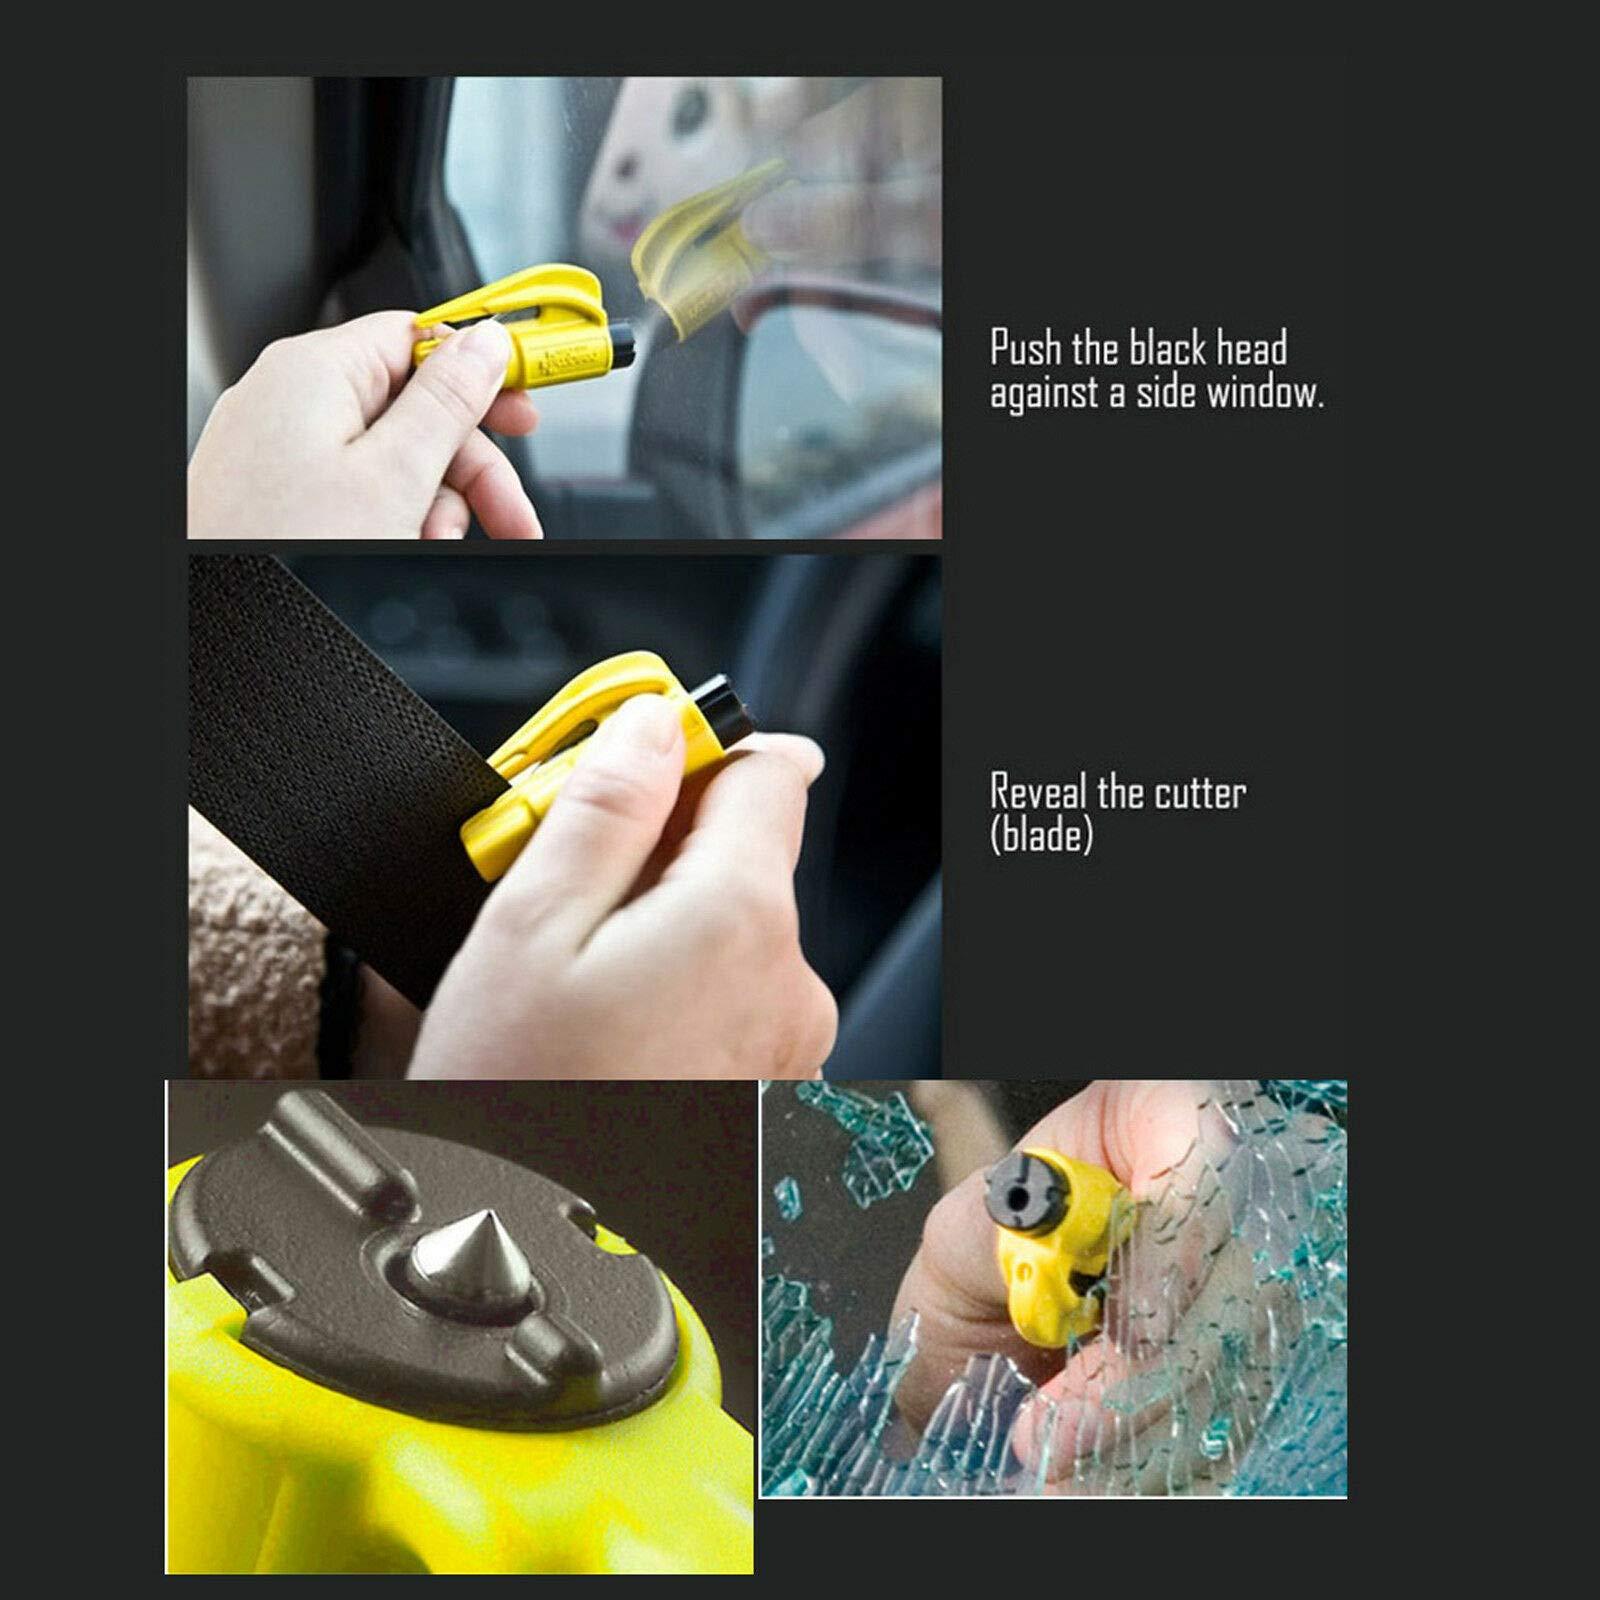 Honeybeloved Tool Safety Seat Belt Cutter US Car Window Glass Breaker Emergency Escape Blue 7.5 x 3 x 1.5 cm 3 in 1